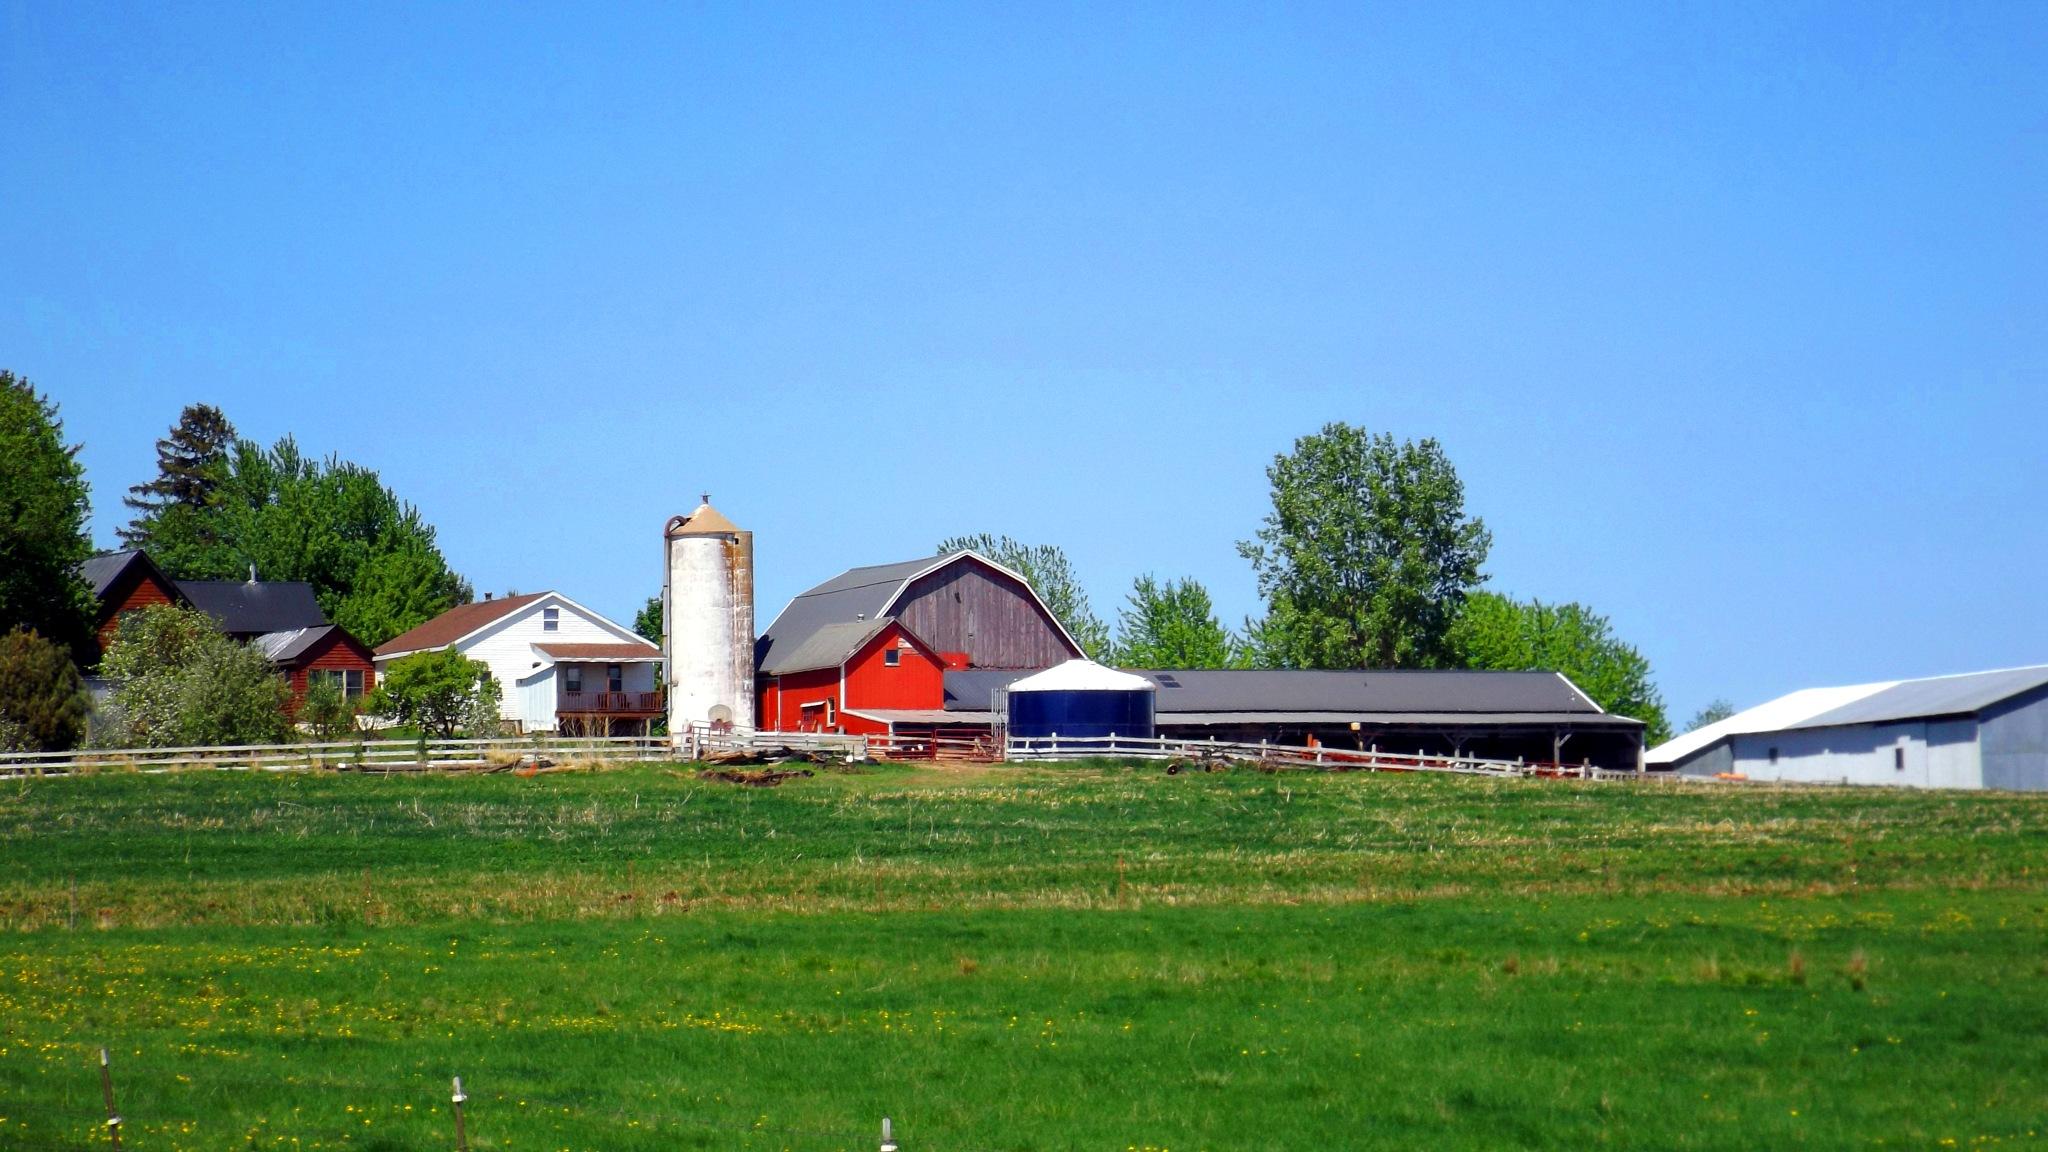 Fazenda dos Amish by R@quel